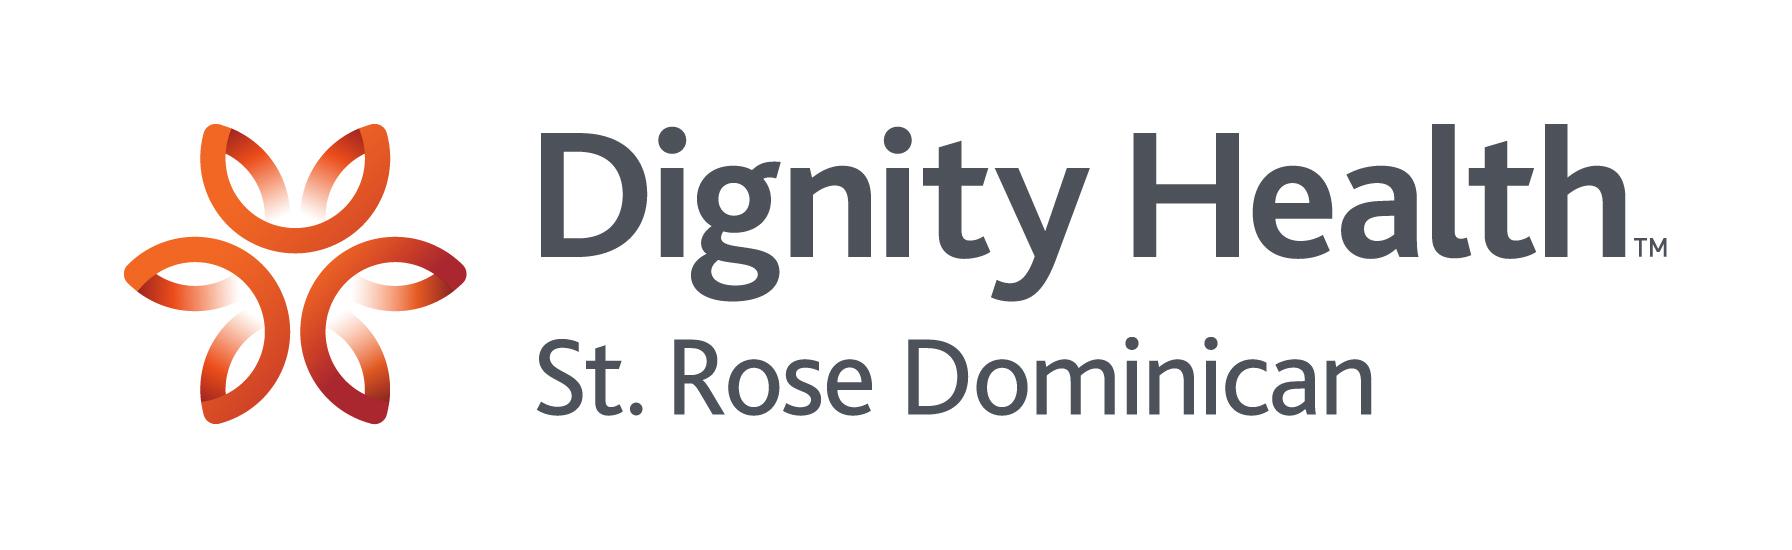 Leadership Henderson Sponsor - Dignity Health